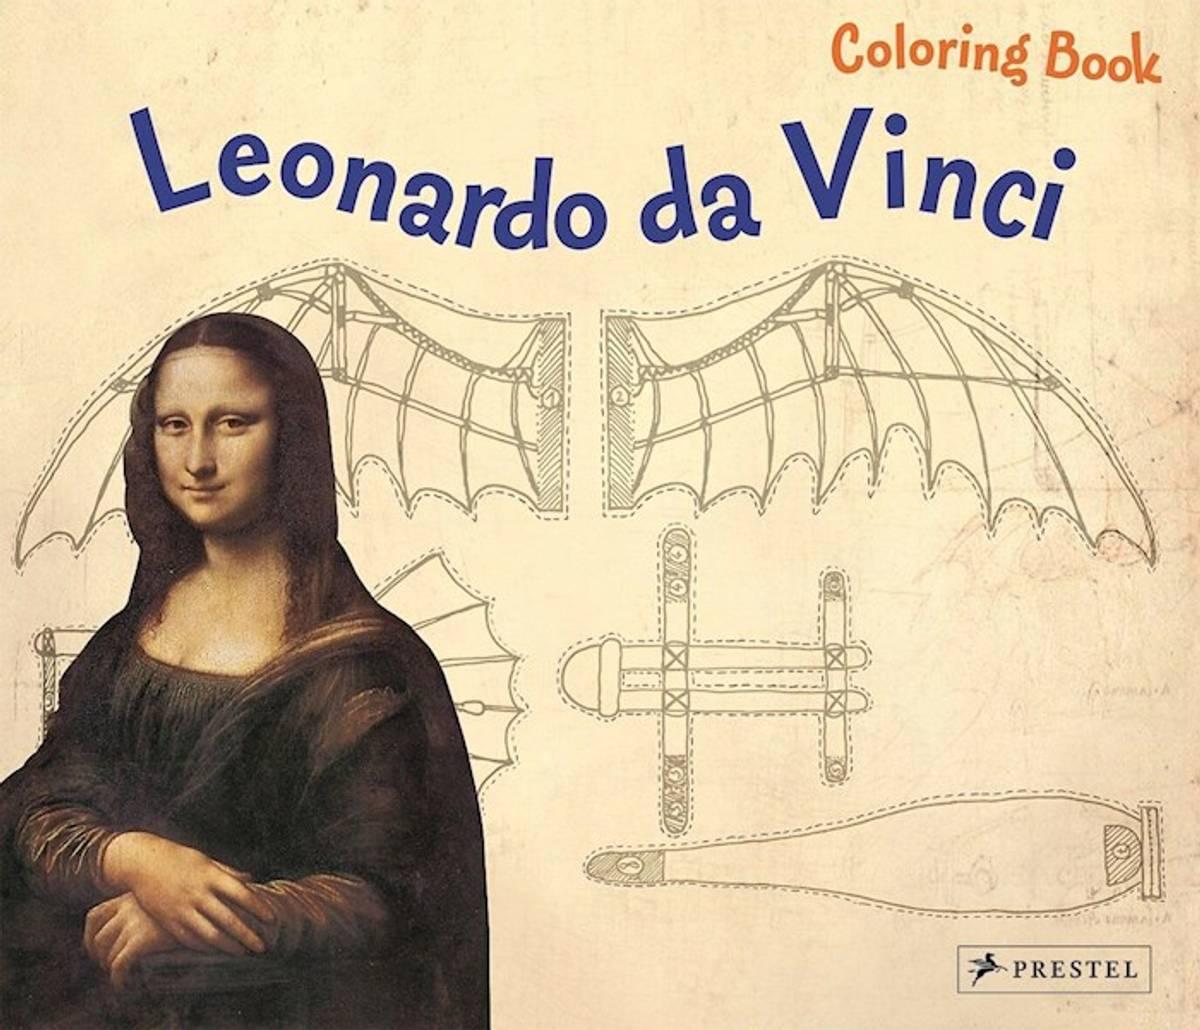 Coloring Book Leonoardo da Vinci